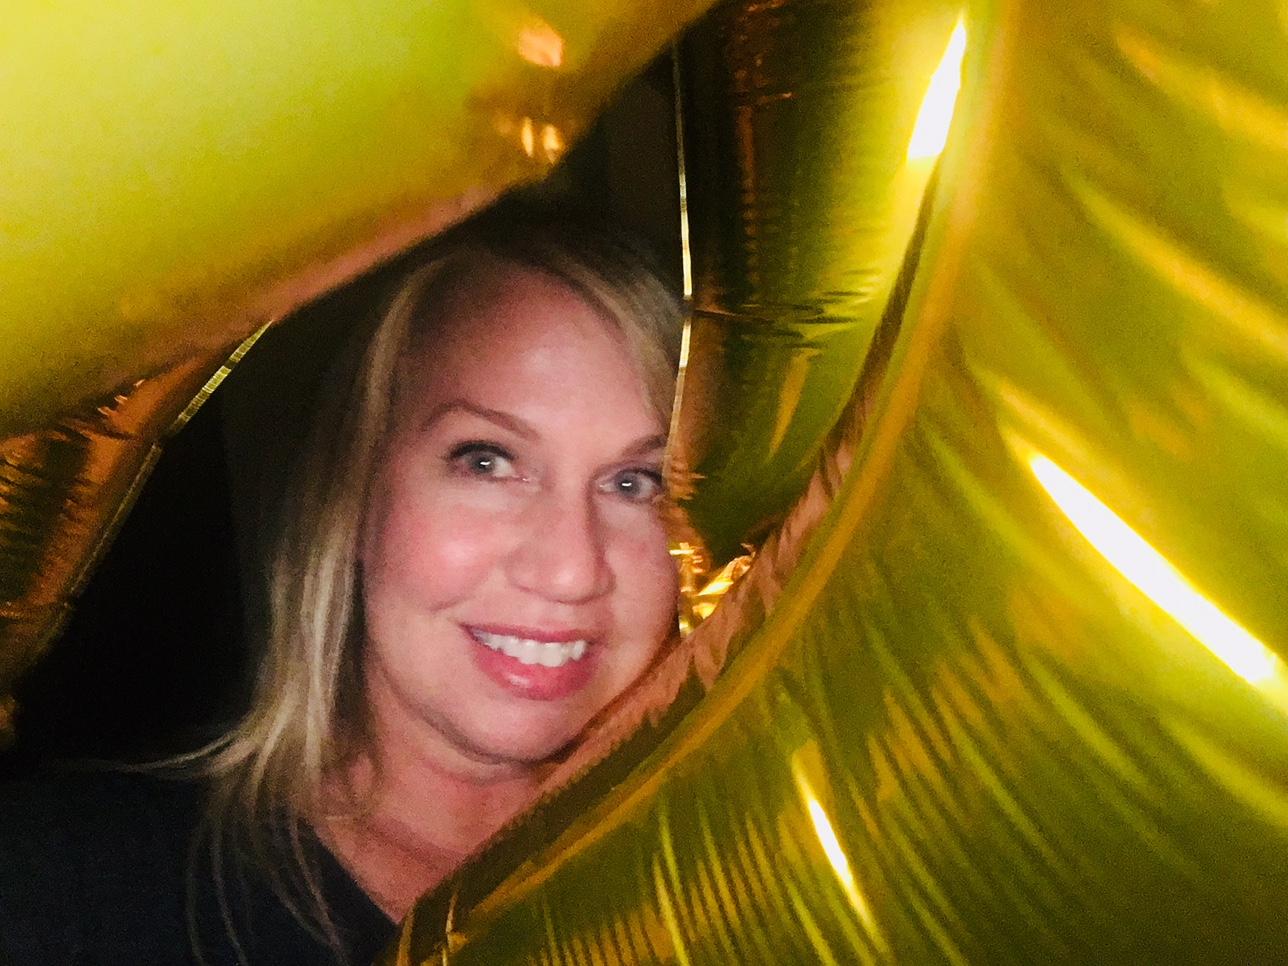 Going Viral Balloon Selfie